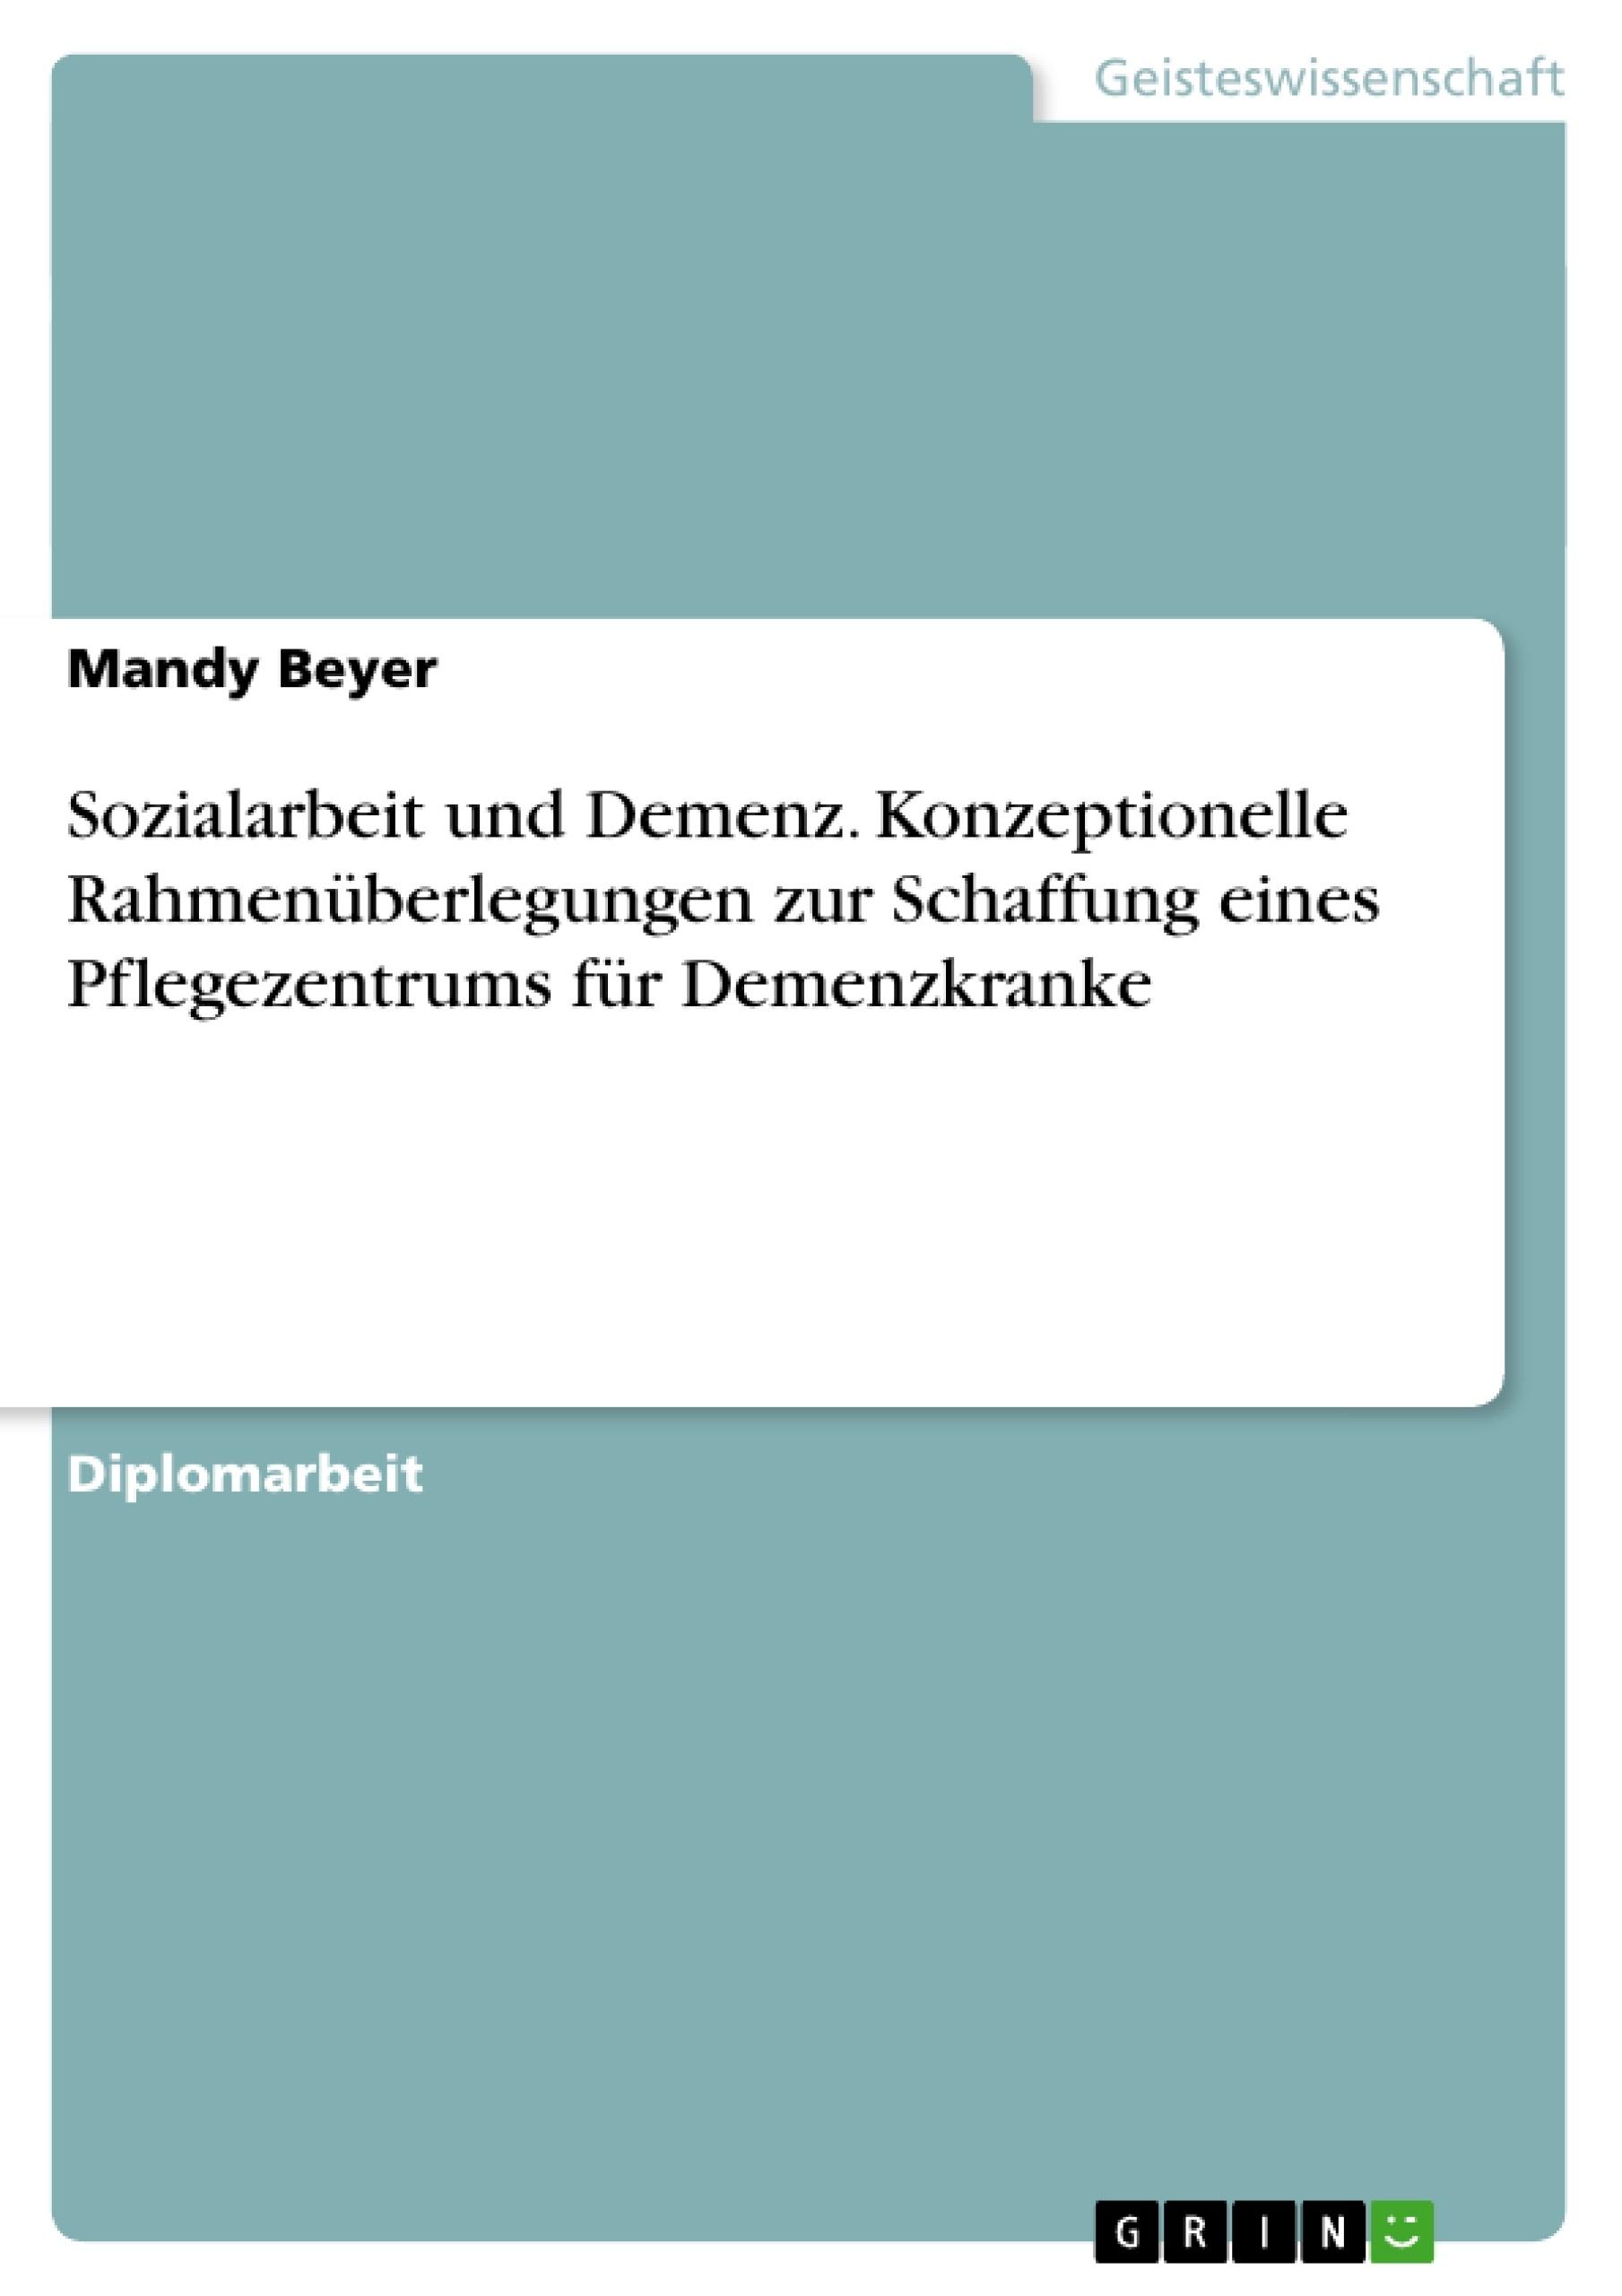 Titel: Sozialarbeit und Demenz. Konzeptionelle Rahmenüberlegungen zur Schaffung eines Pflegezentrums für Demenzkranke